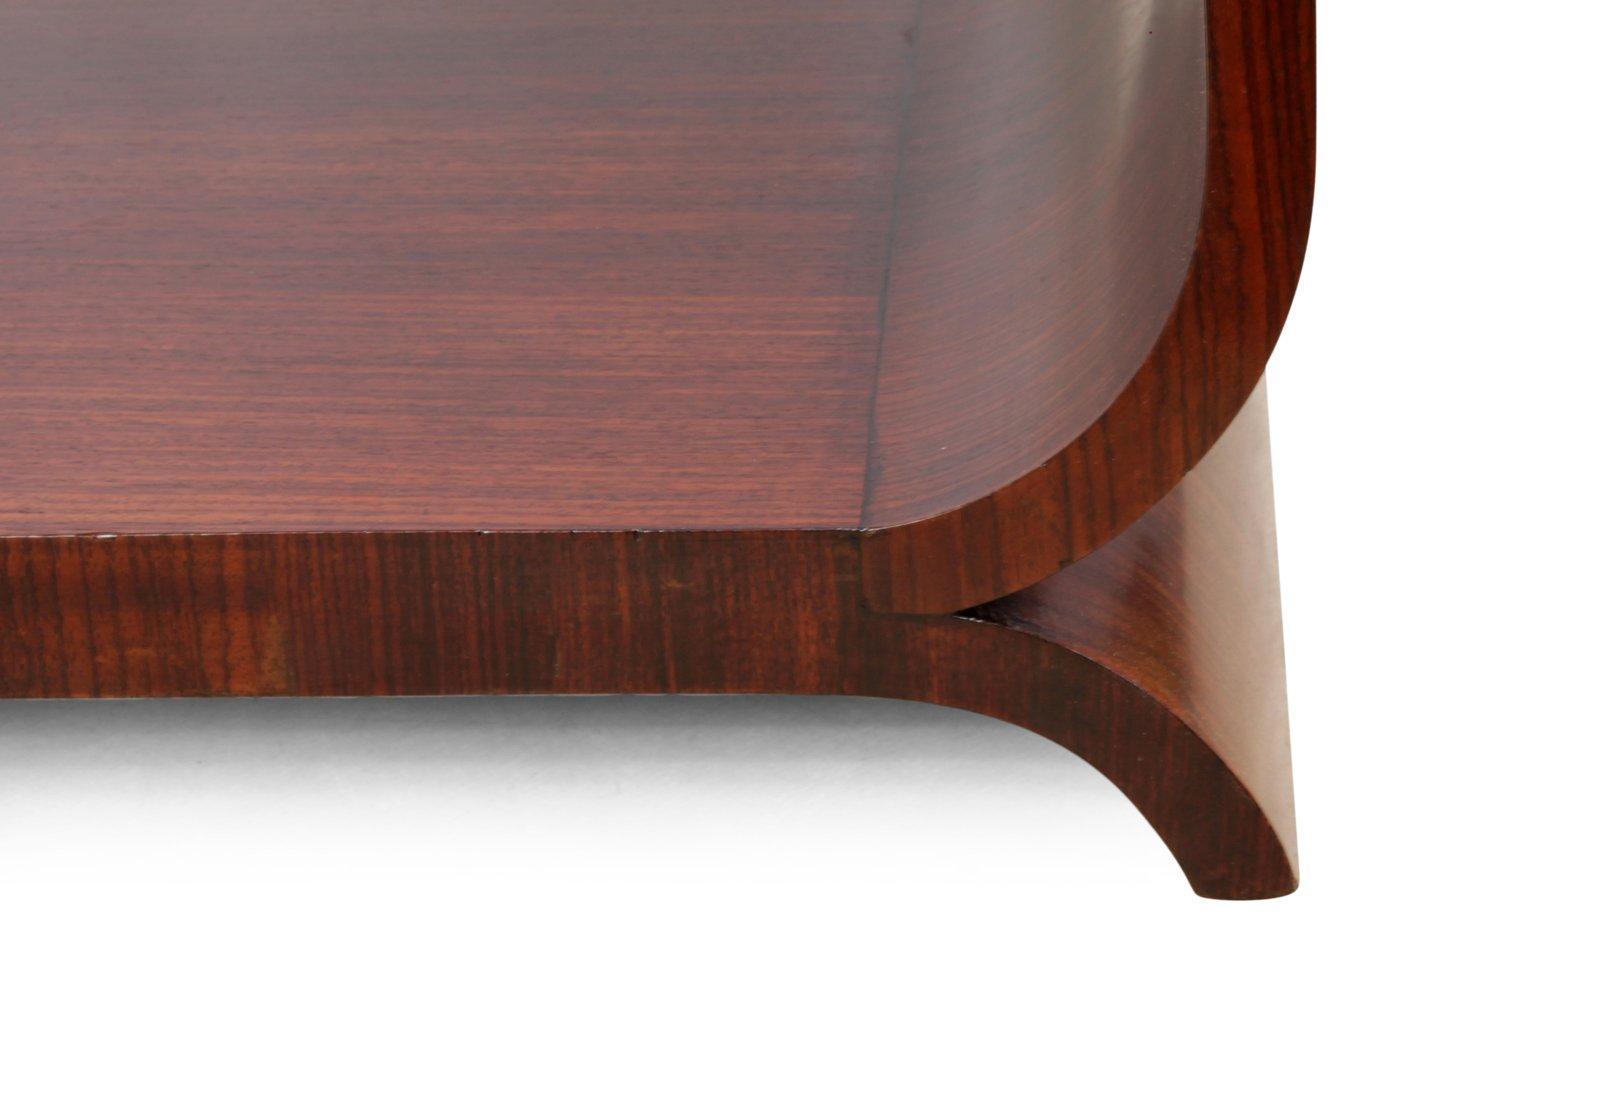 franz sischer palisander art deco beistelltisch bei pamono. Black Bedroom Furniture Sets. Home Design Ideas